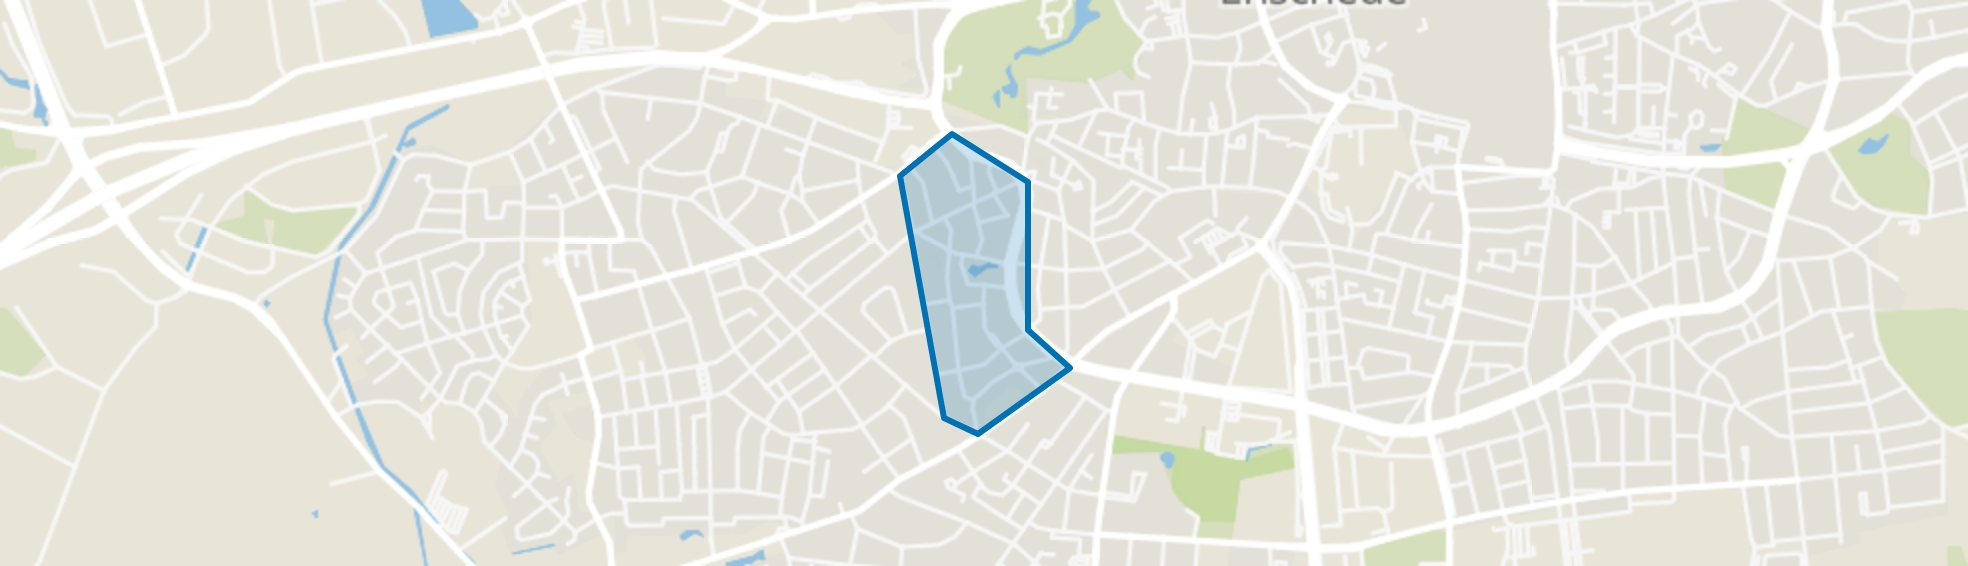 Pathmos, Enschede map